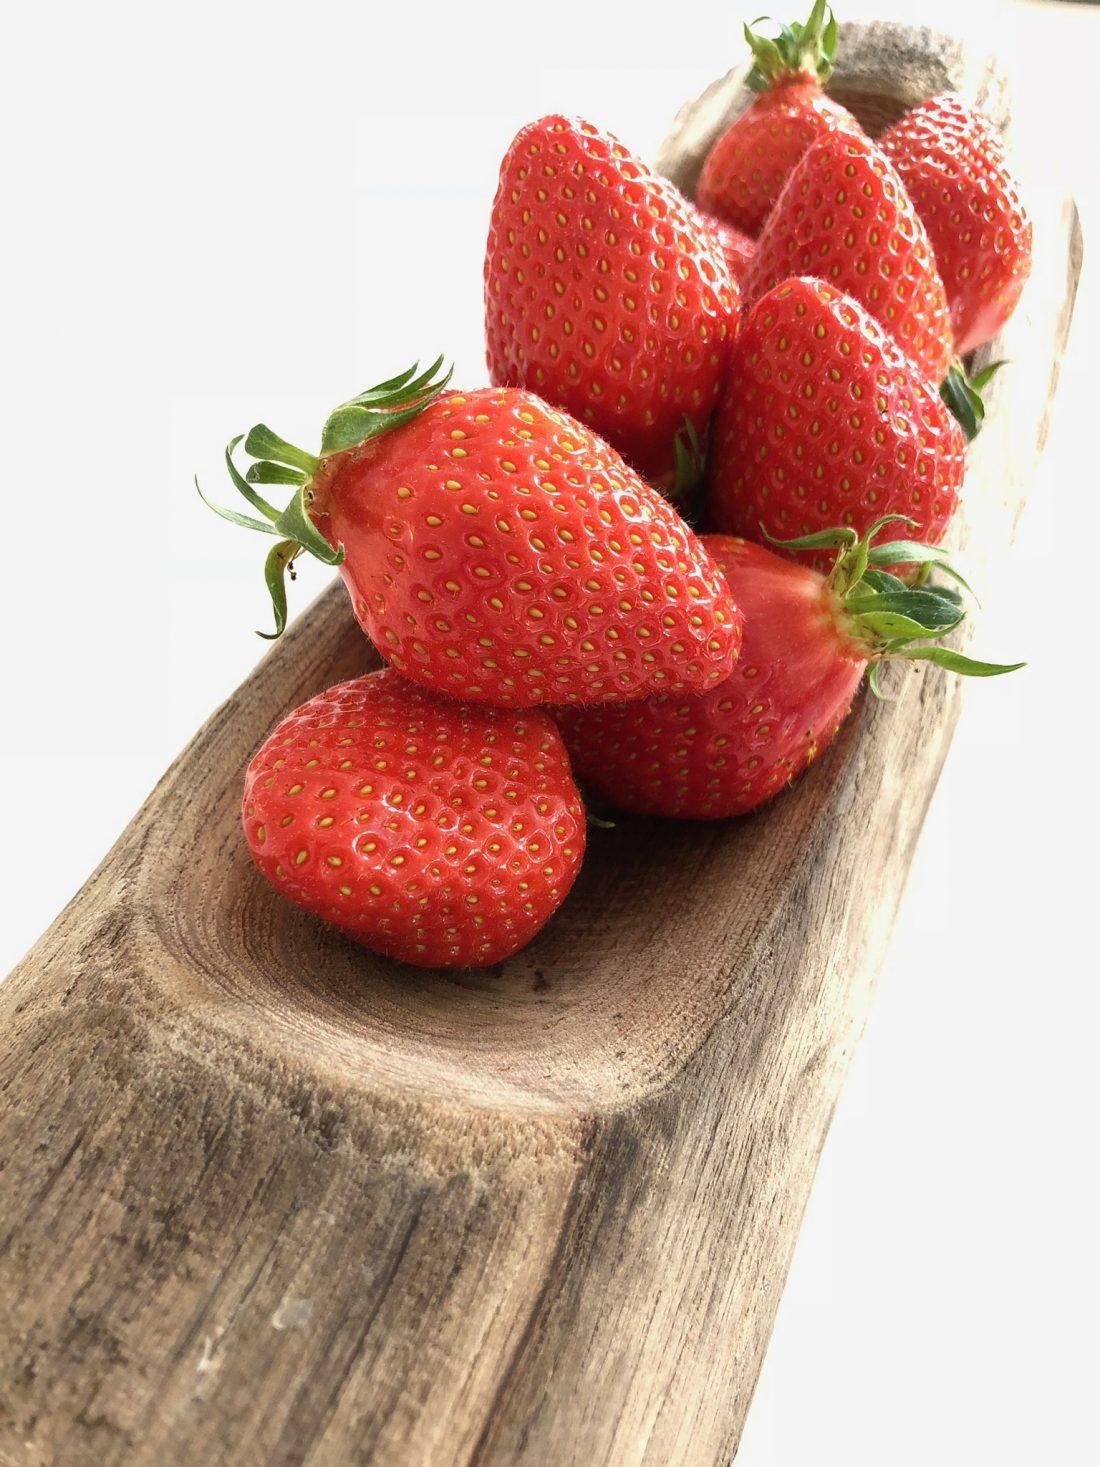 Difficile aujourd'hui de savoir vraiment à quel moment pousse les fraises, puisqu'elles pointent le bout de leurs akènes dès le mois mars à grand renfort de communication. Et surtout, impossible ou presque de connaître leur mode de production